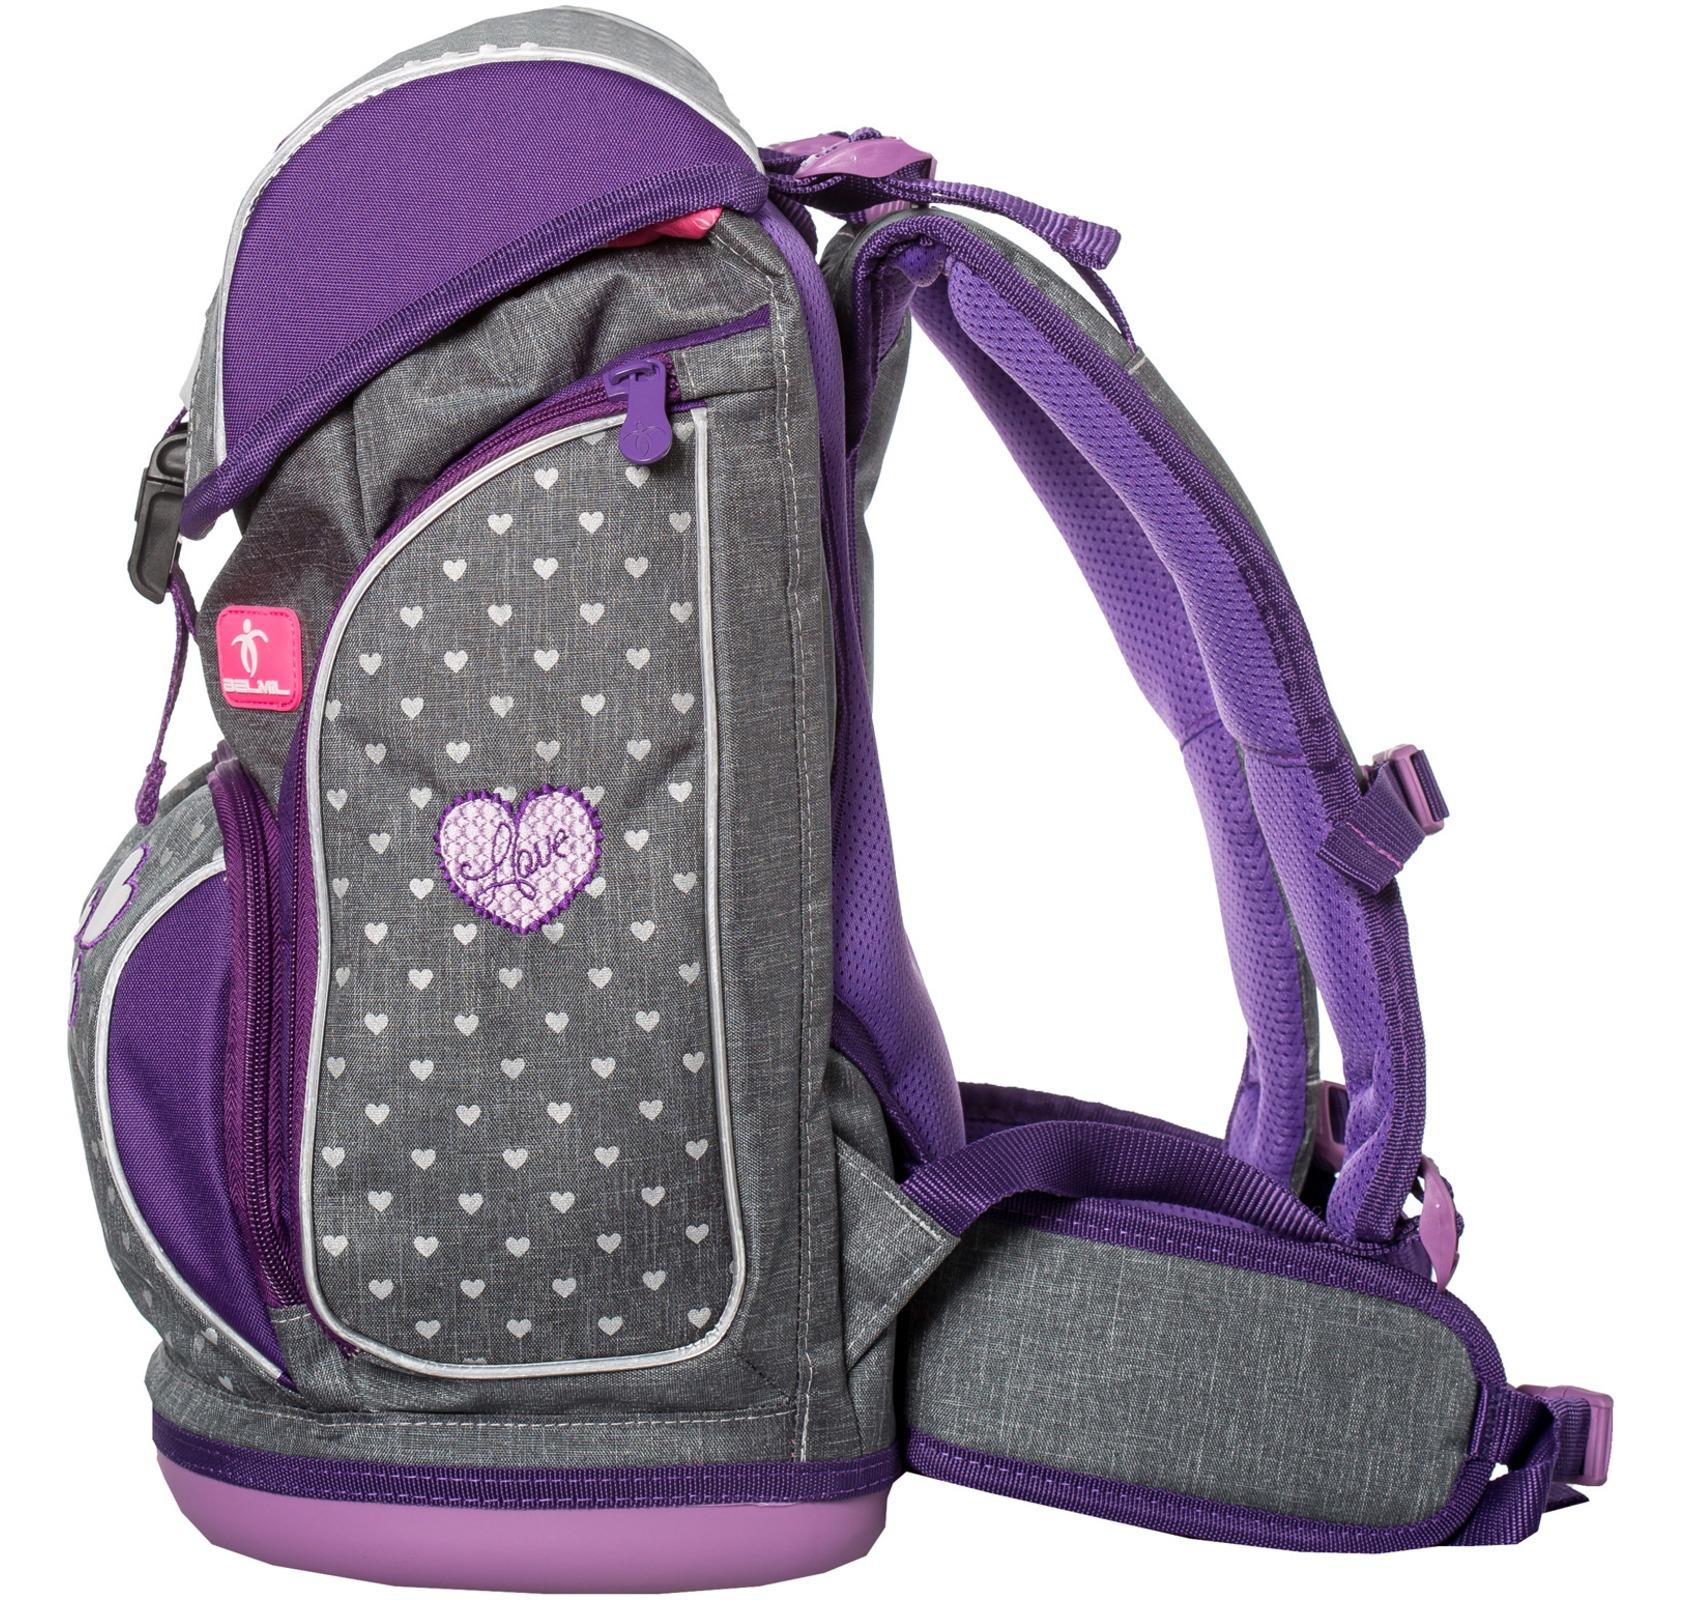 Ранец-рюкзак Belmil 404-31/468 цвет Heart Новинка, - фото 4